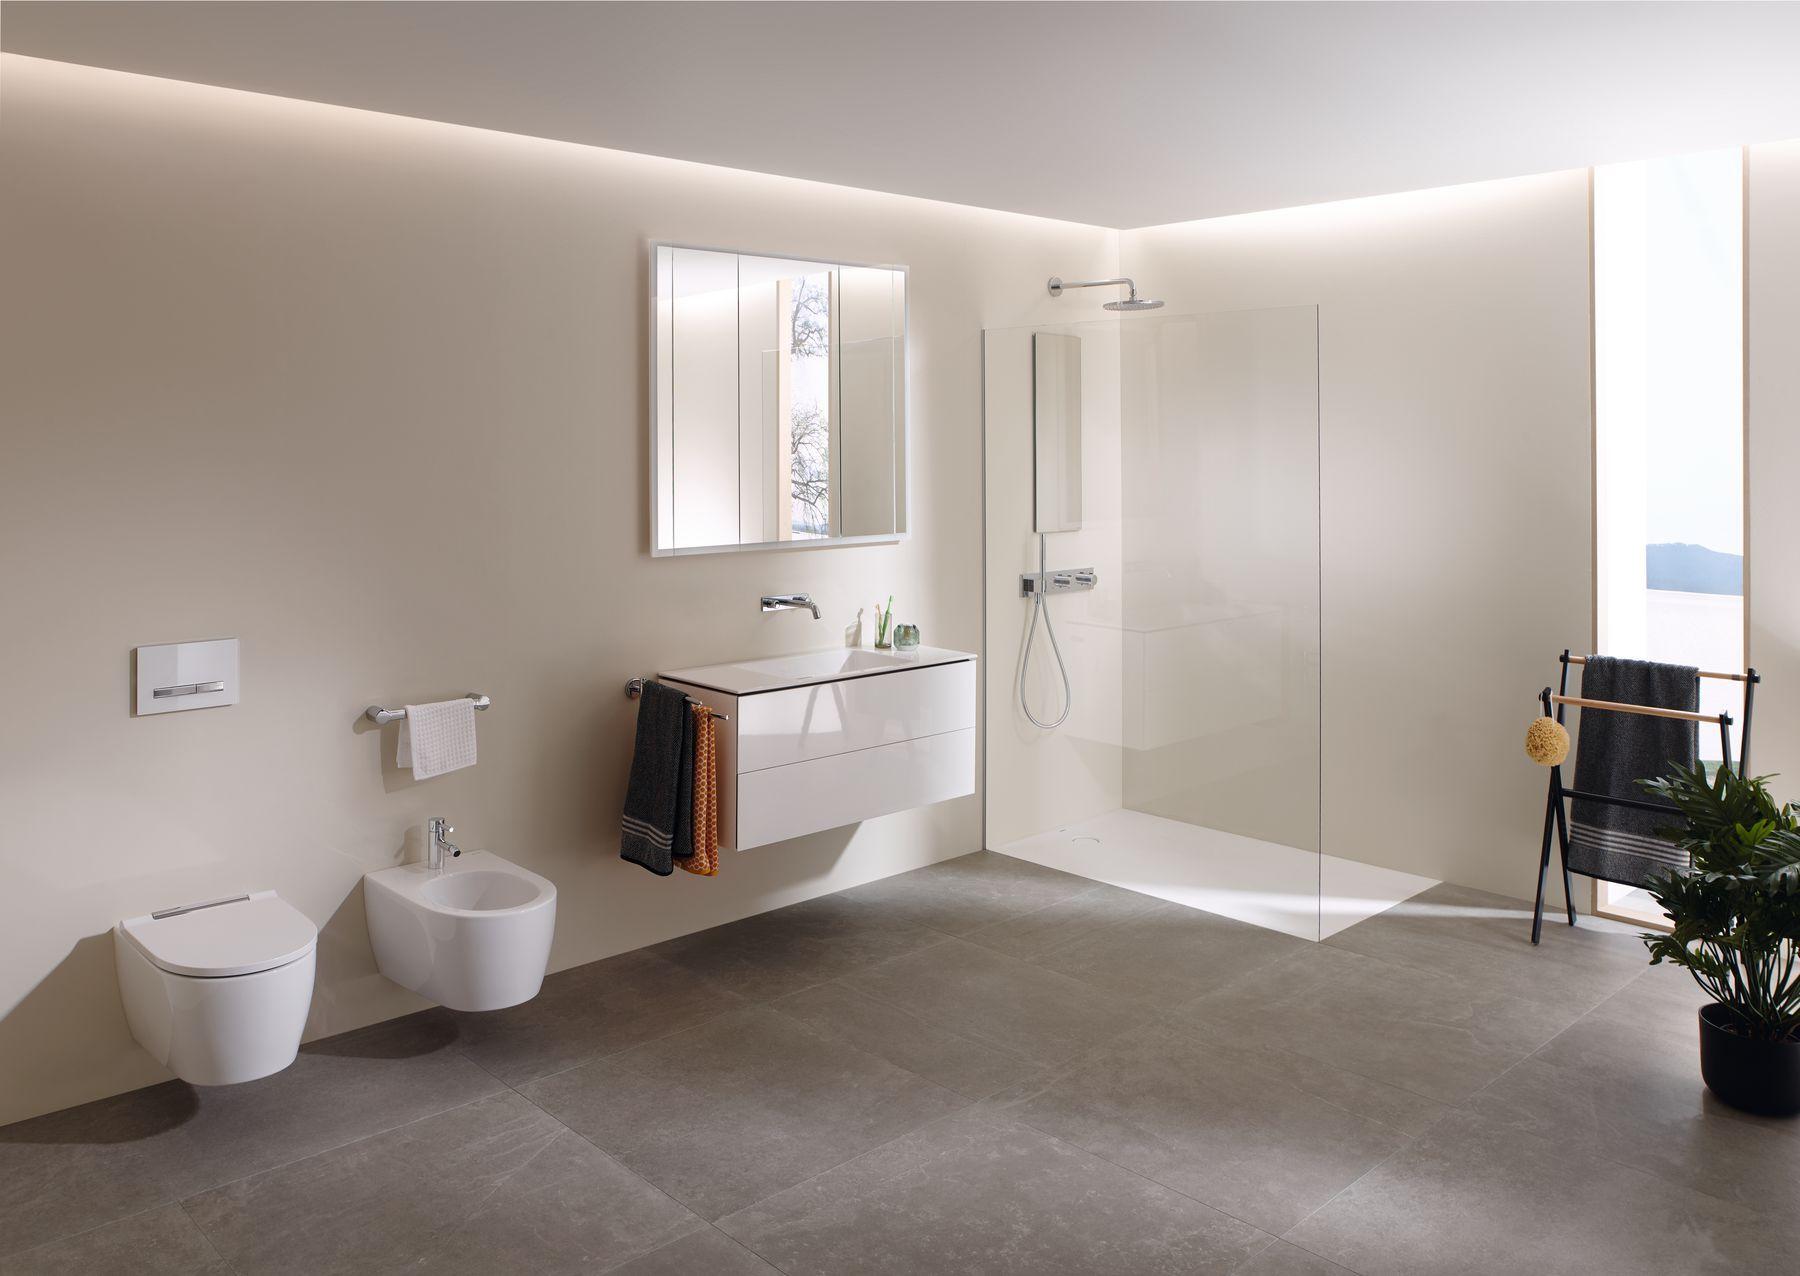 Deze Badkamer Is Werkelijk Tijdloos De Linnen Kleur Beige Of Ecru Zijn Simpel En Elegant En Creeren Een Serene En Natuurl Onder Kast Badkamermeubels Badkamer